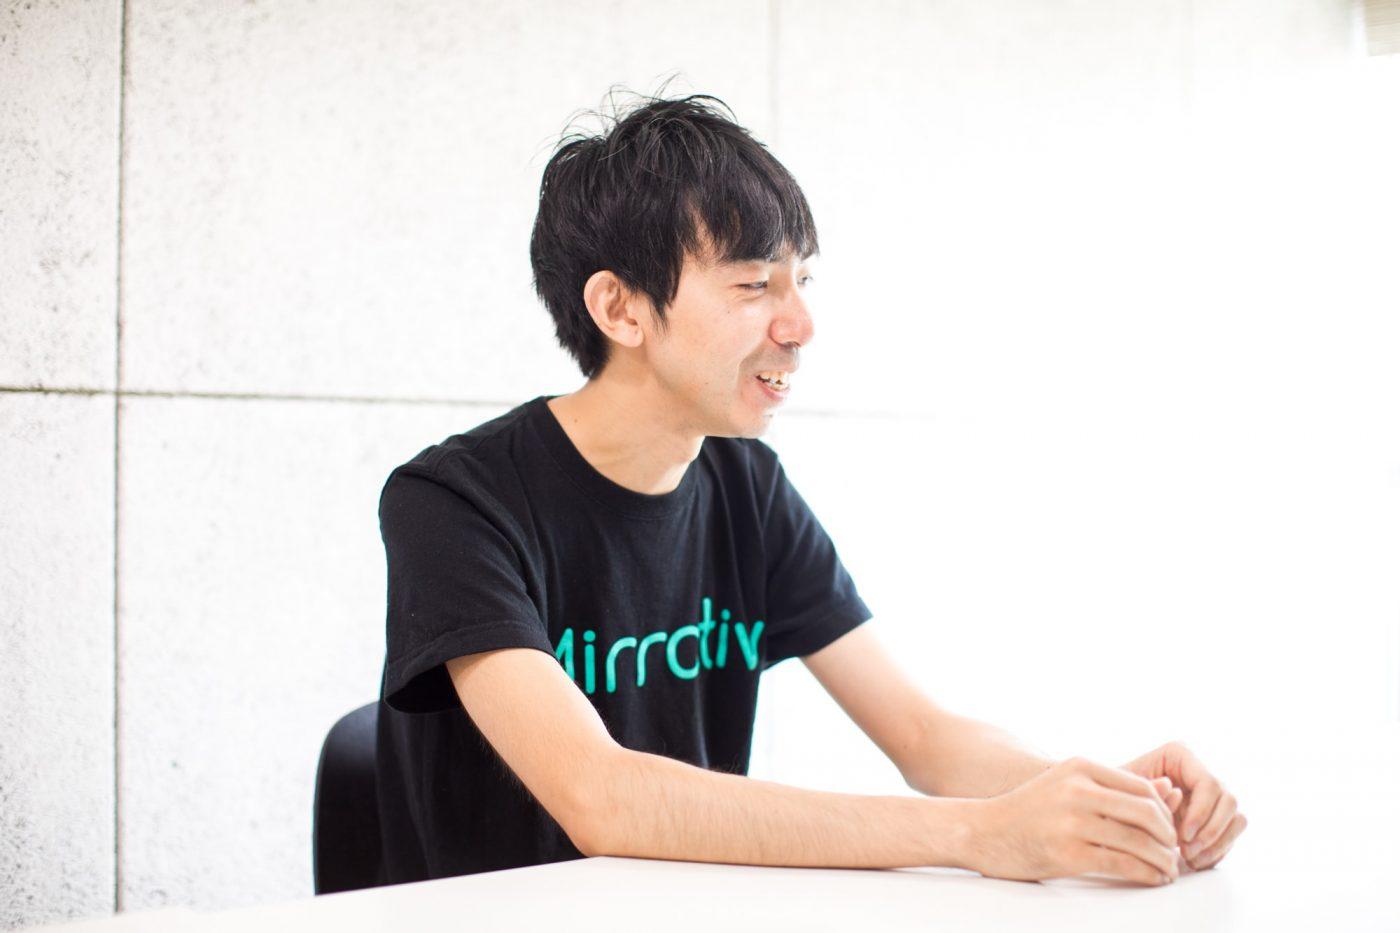 ミラティブ代表取締役CEOの赤川隼一 元DeNA マネージャー